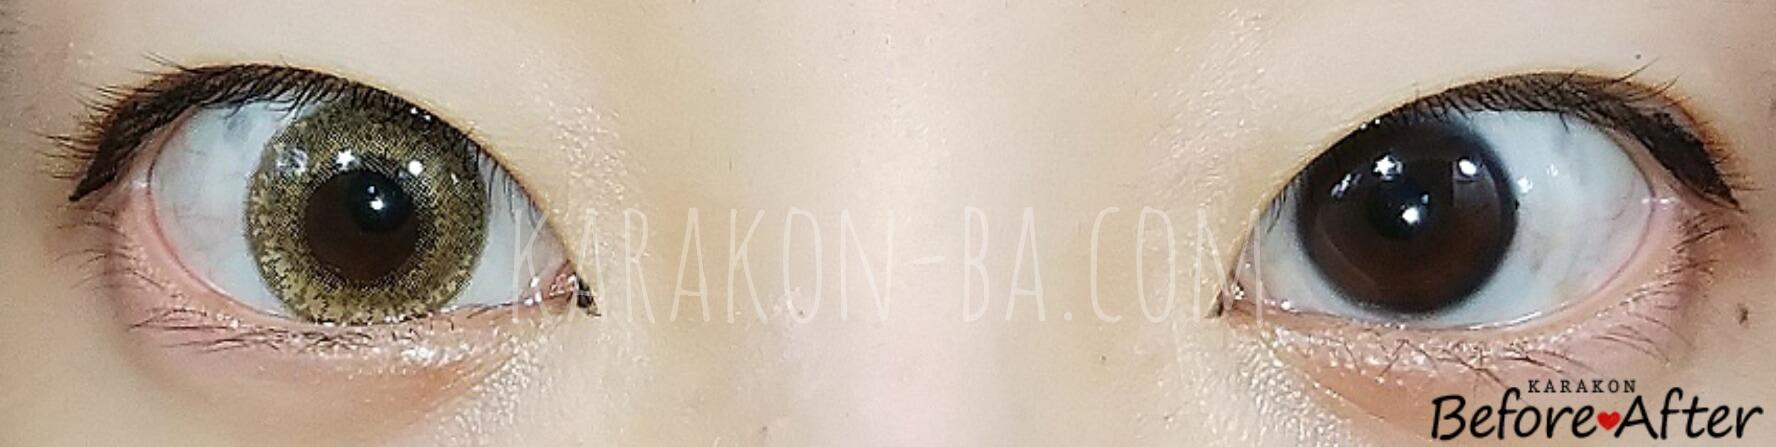 クリームベージュのカラコン装着画像/裸眼と比較